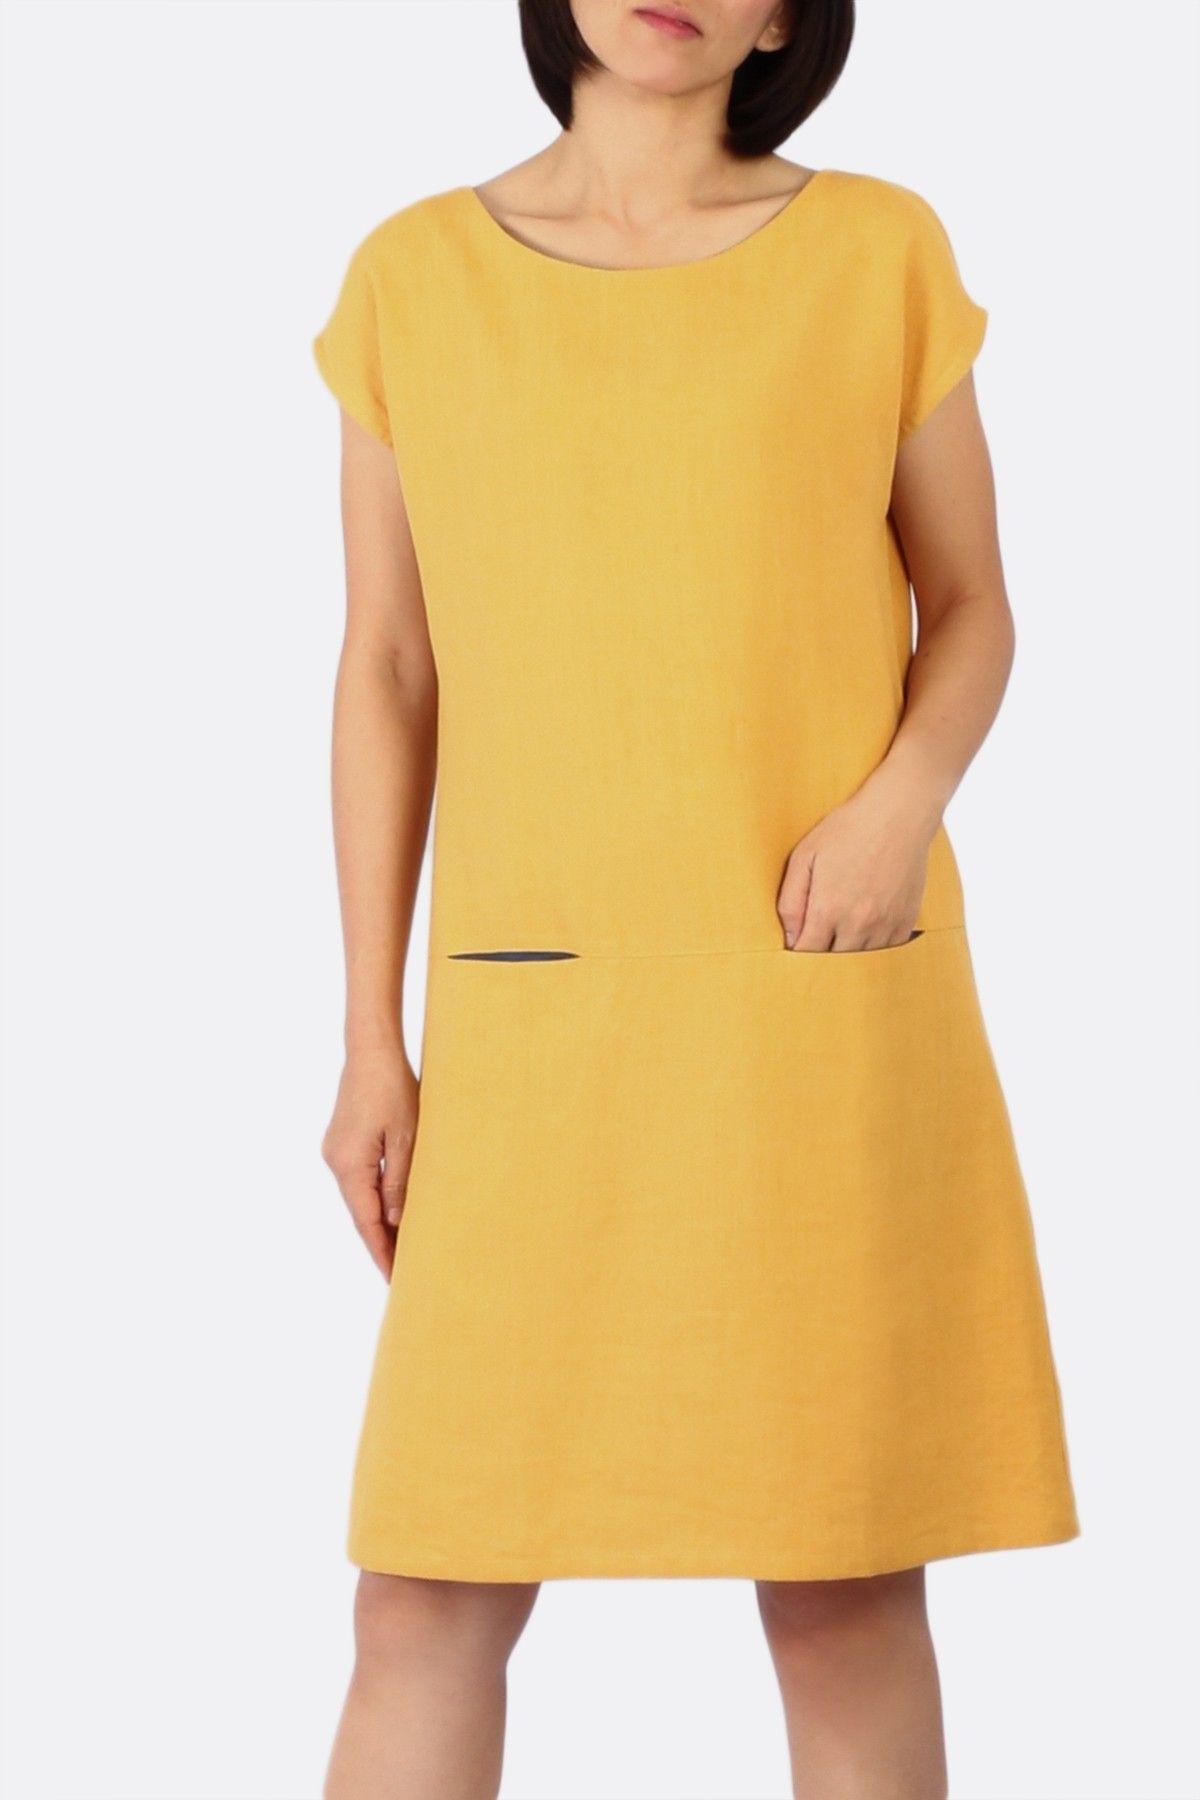 Amanda linen dress yellow new arrivals pinterest linen